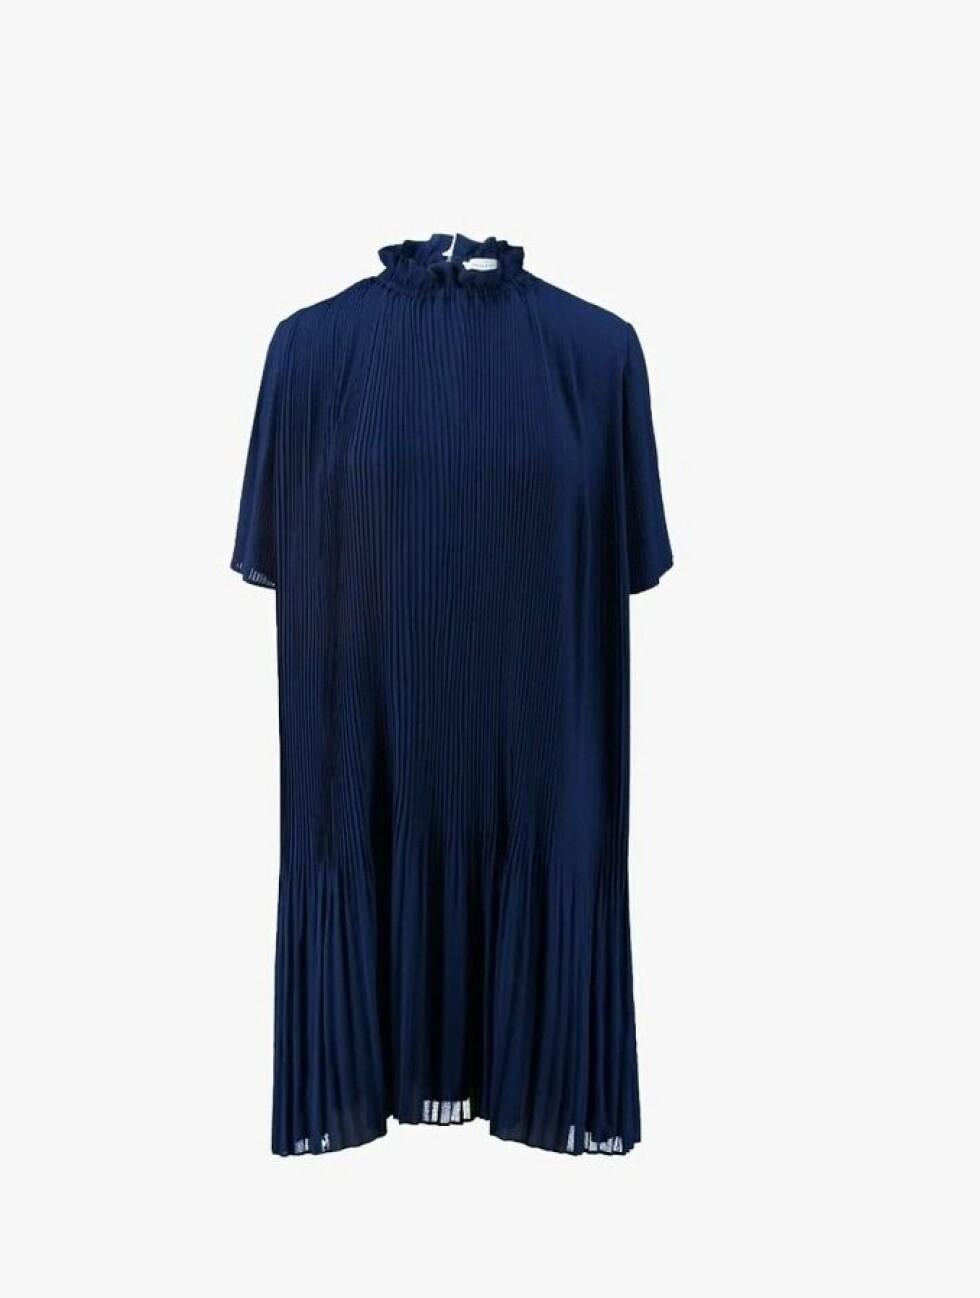 Kjole fra Samsøe & Samsøe |1195,-| https://www.zalando.no/samsoe-and-samsoe-malie-sommerkjole-blue-sa321c074-k11.html